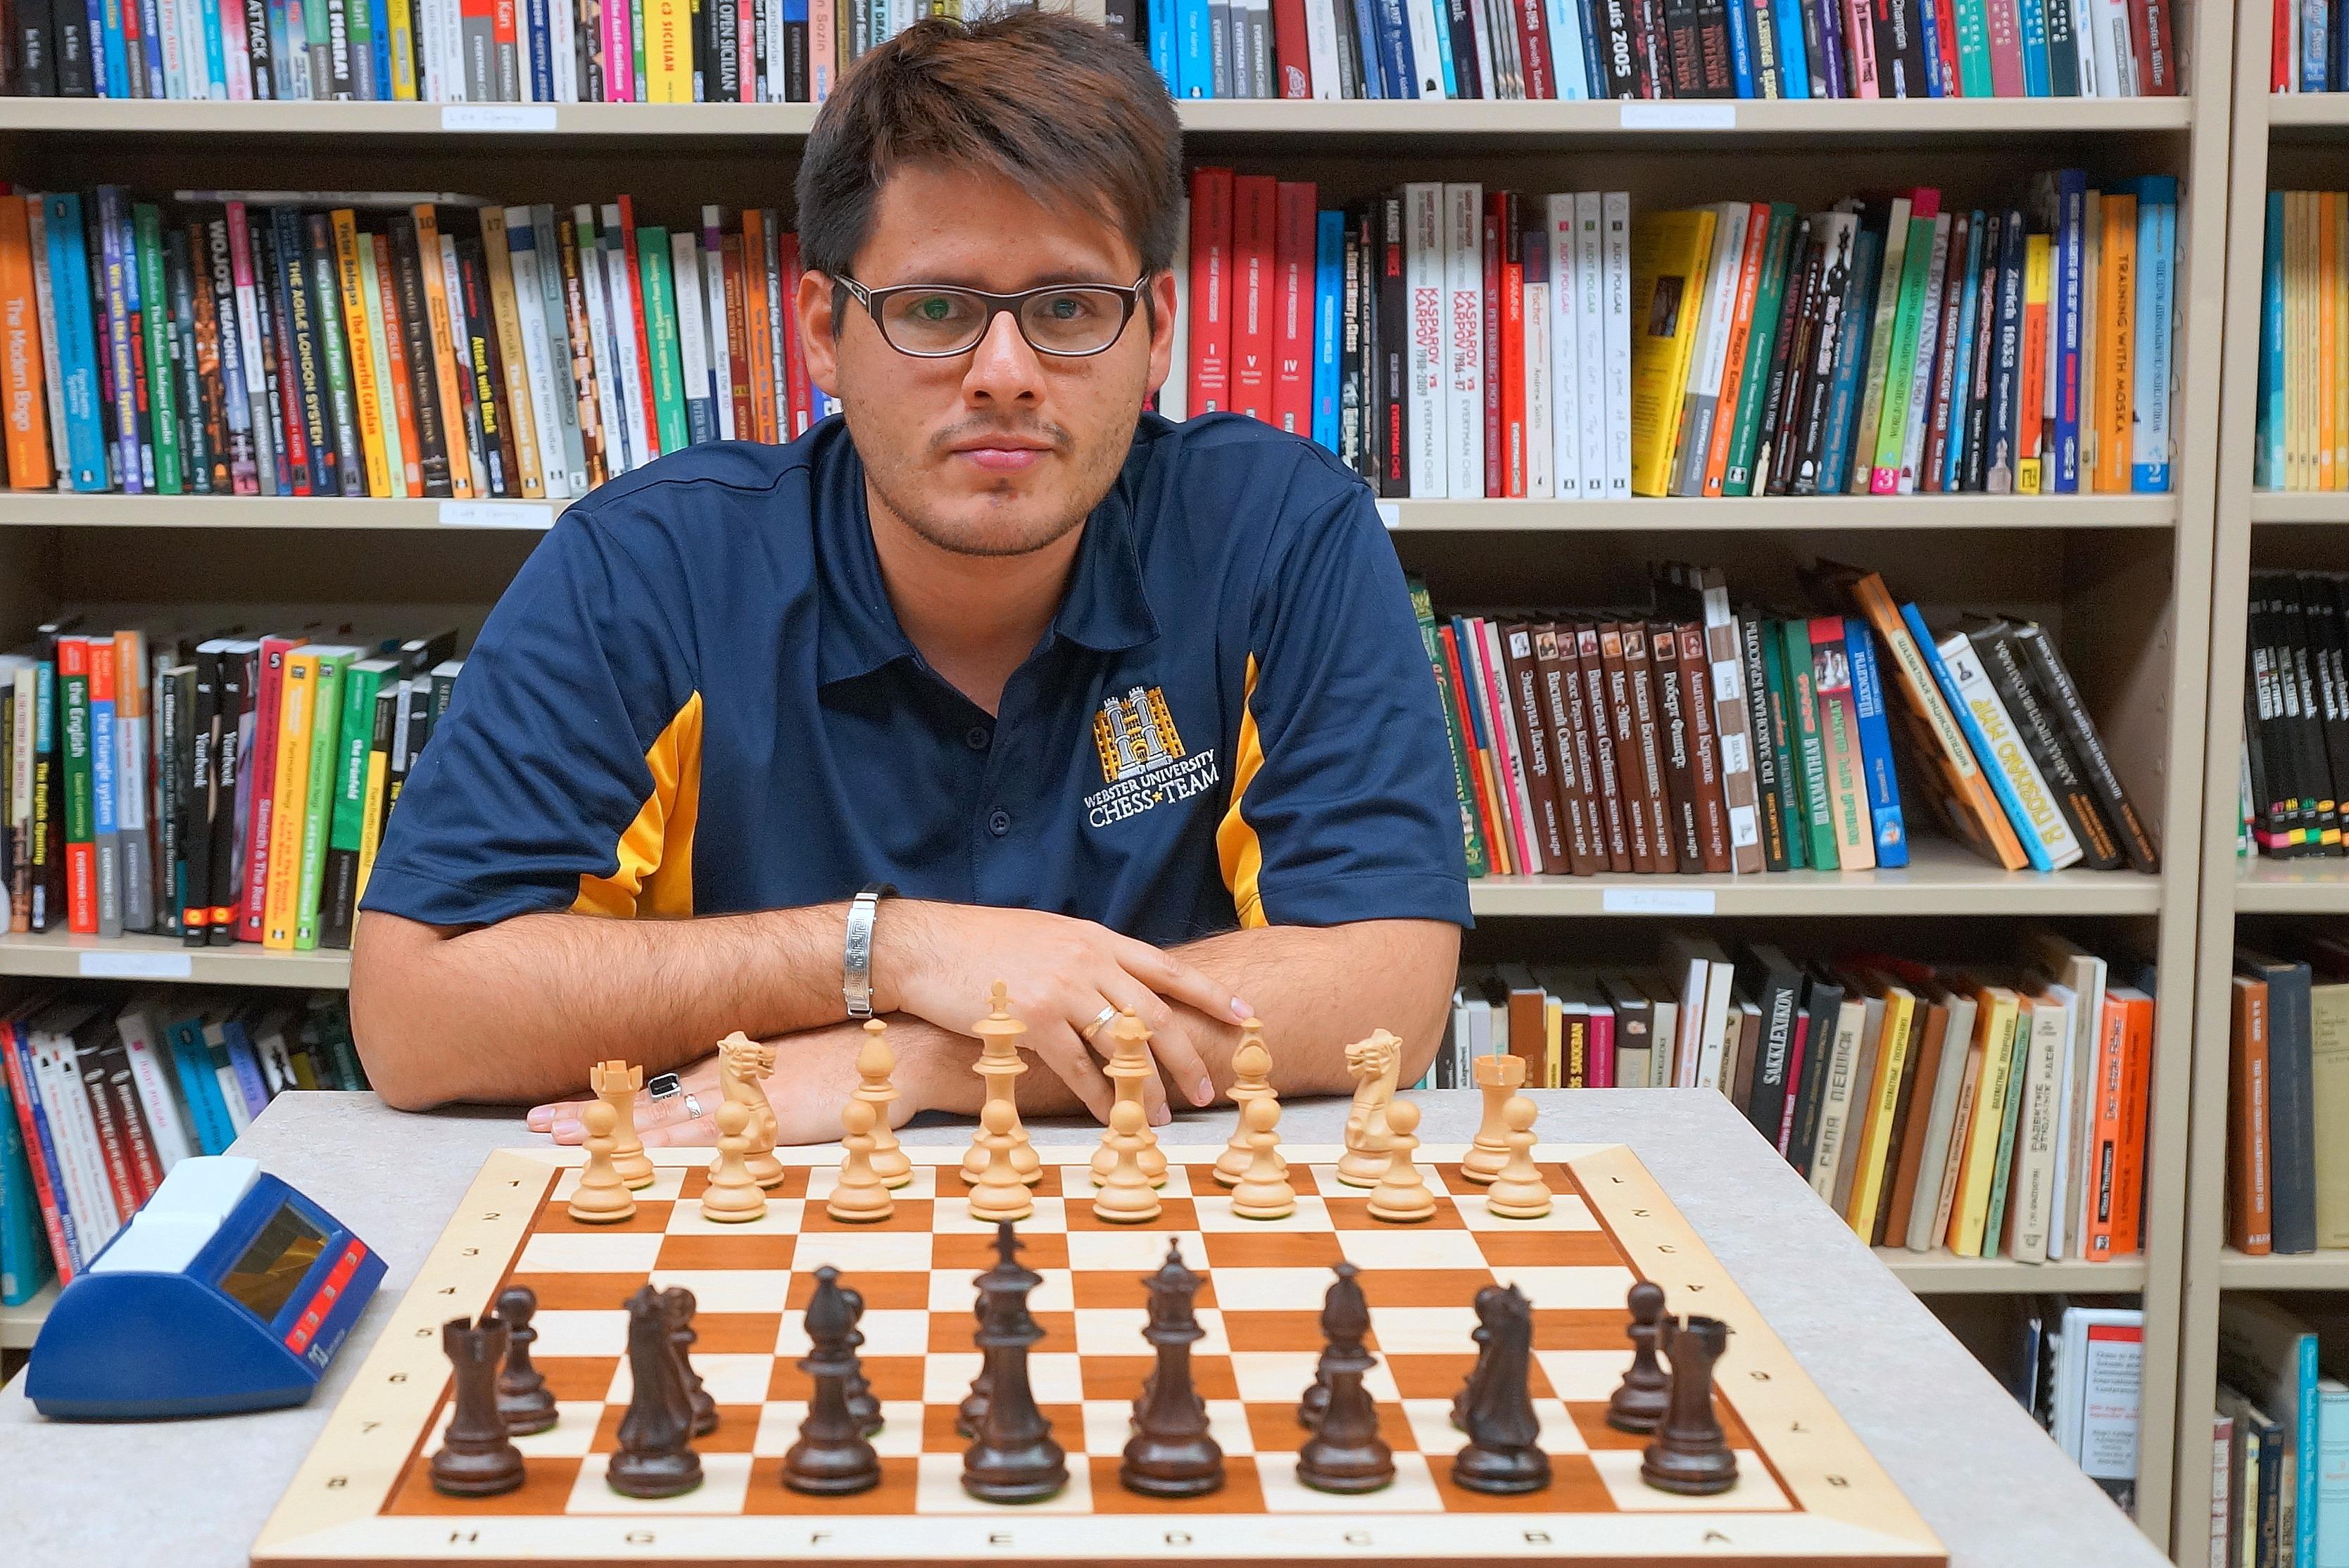 https://s3-us-west-2.amazonaws.com/maven-user-photos/chessdailynews/news/Yw4OAvEvkEiXXtSXJwn6Hg/TH2Z8zYYl0au1cFeKMimag